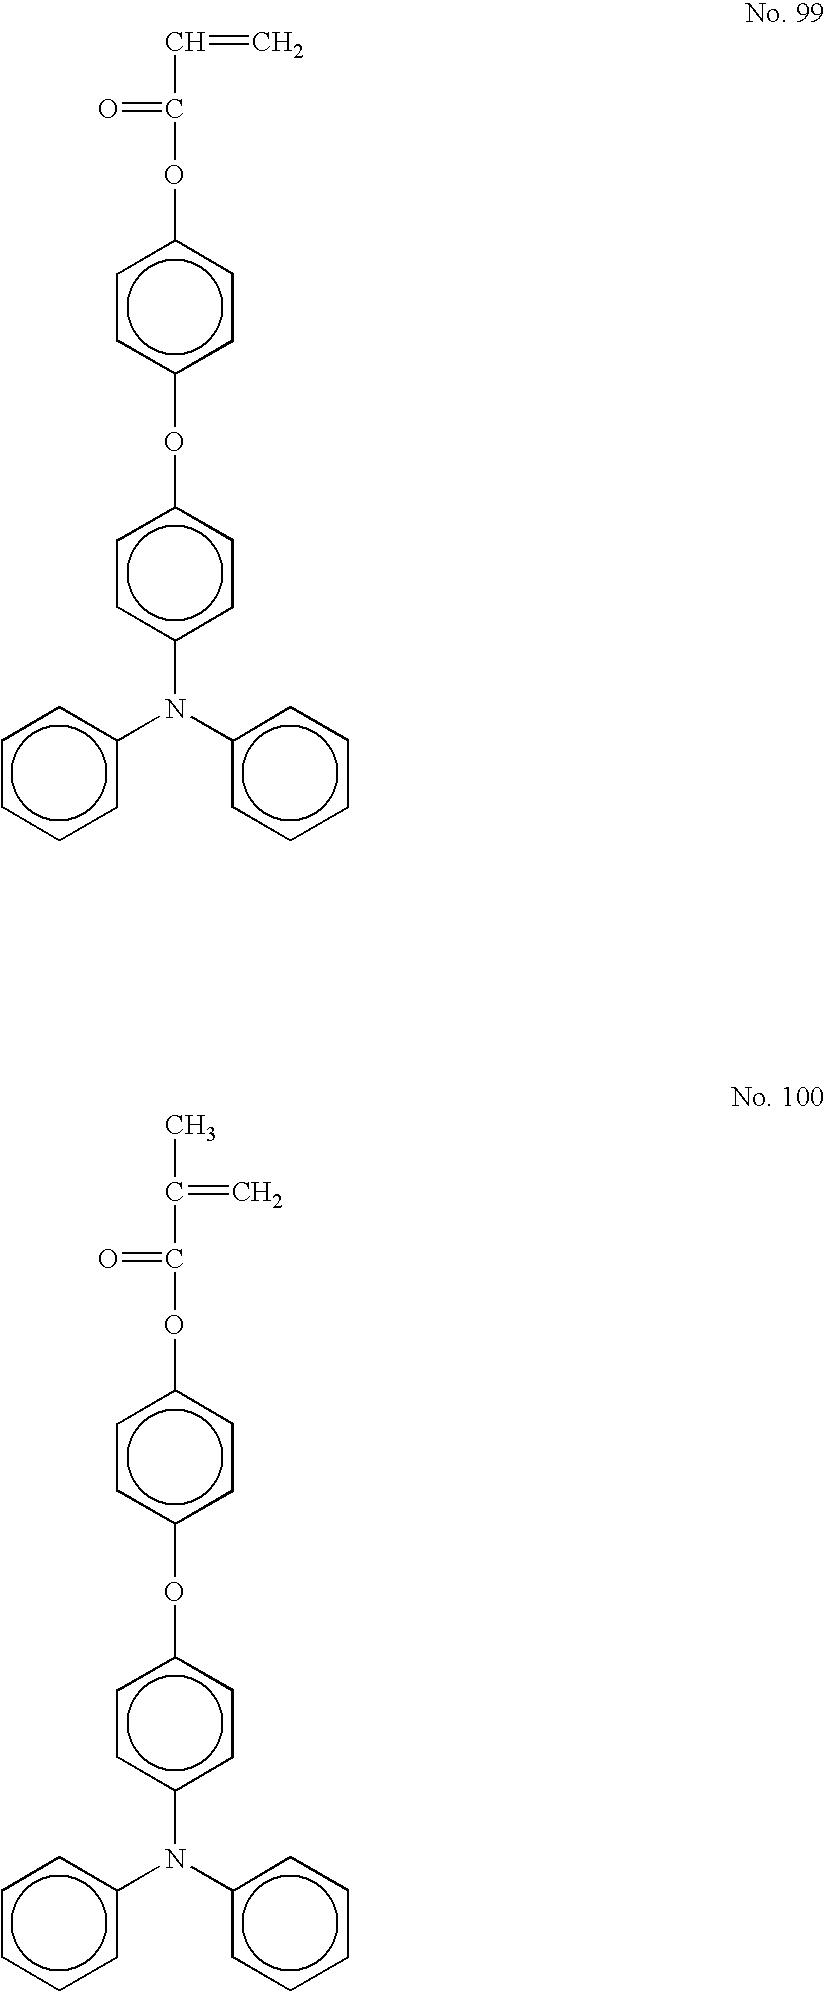 Figure US20060177749A1-20060810-C00050